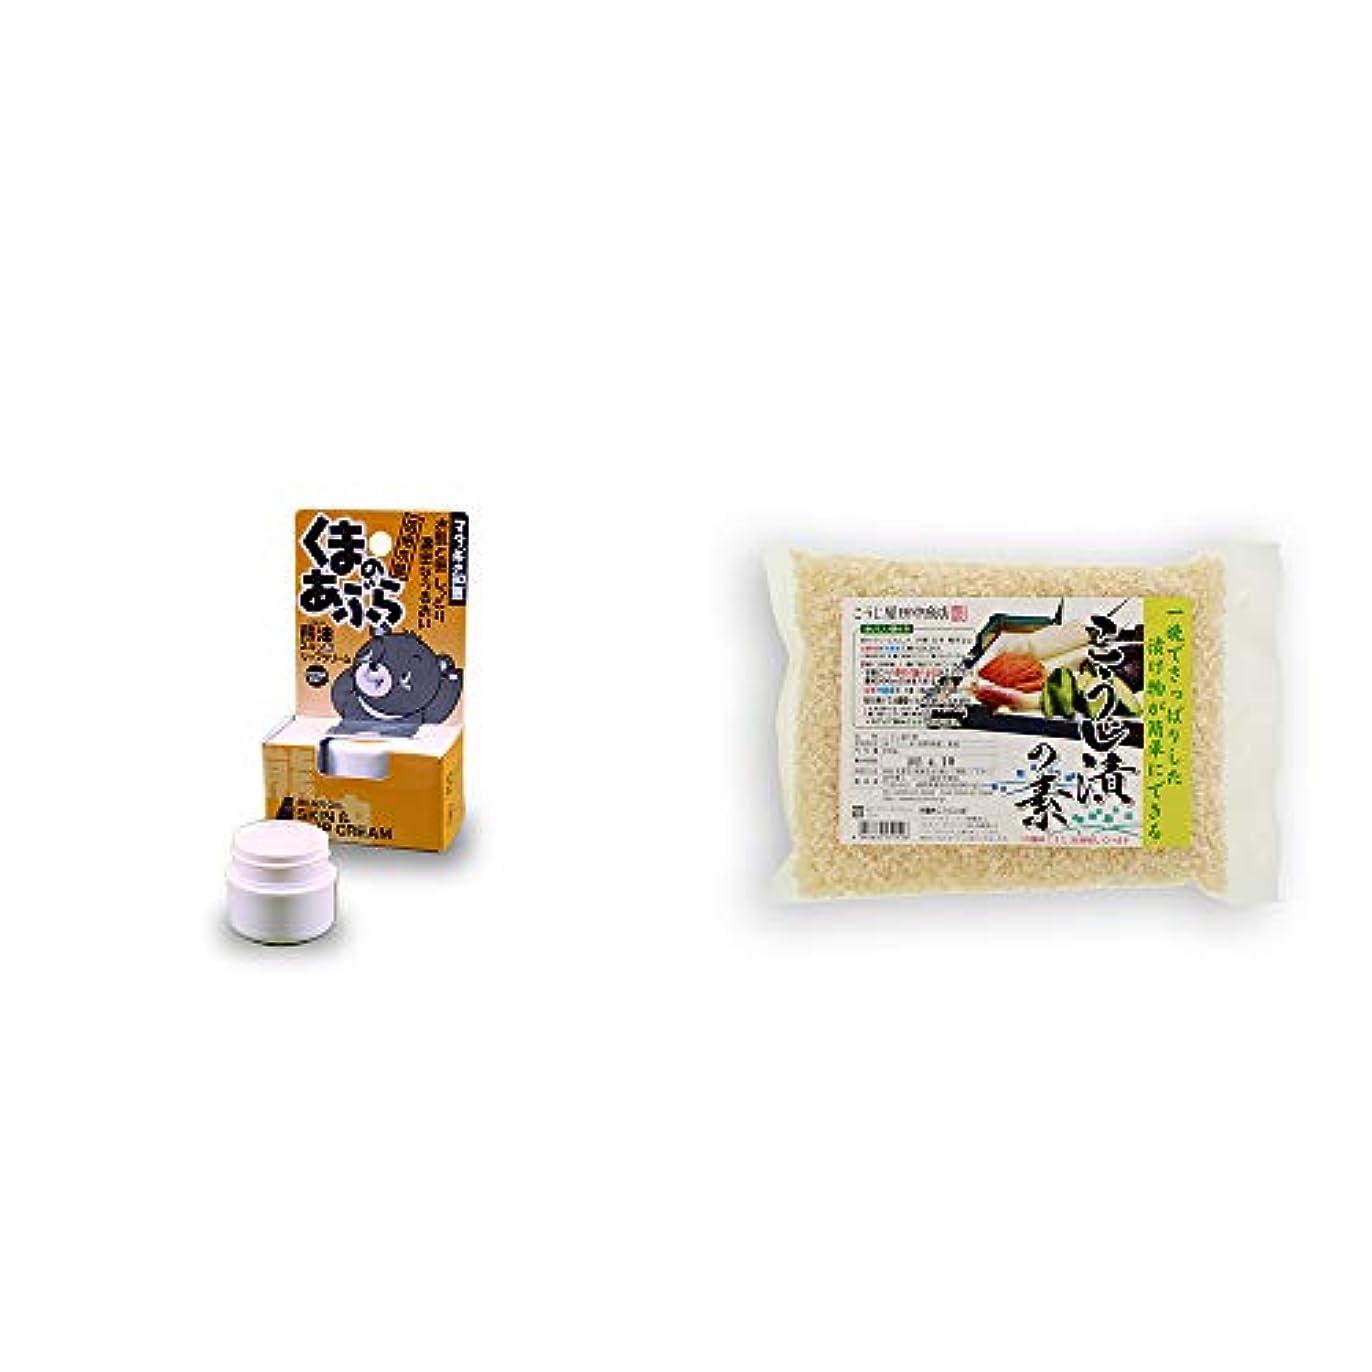 ビヨンたっぷり木[2点セット] 信州木曽 くまのあぶら 熊油スキン&リップクリーム(9g)?こうじ屋田中商店 こうじ漬けの素(600g)